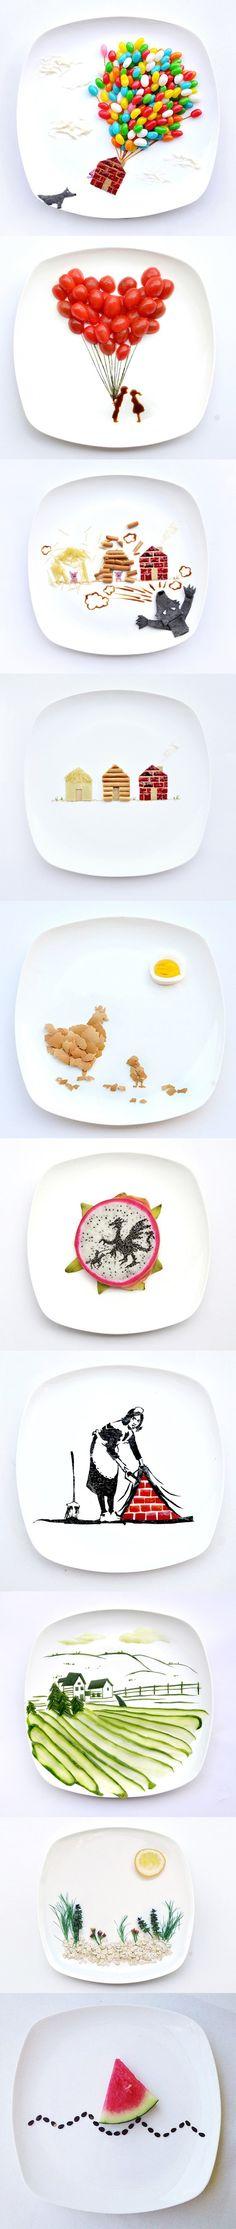 Une nouvelle tendance : le food art.  Et si on mettait de l'art dans l'assiette de bébé ?